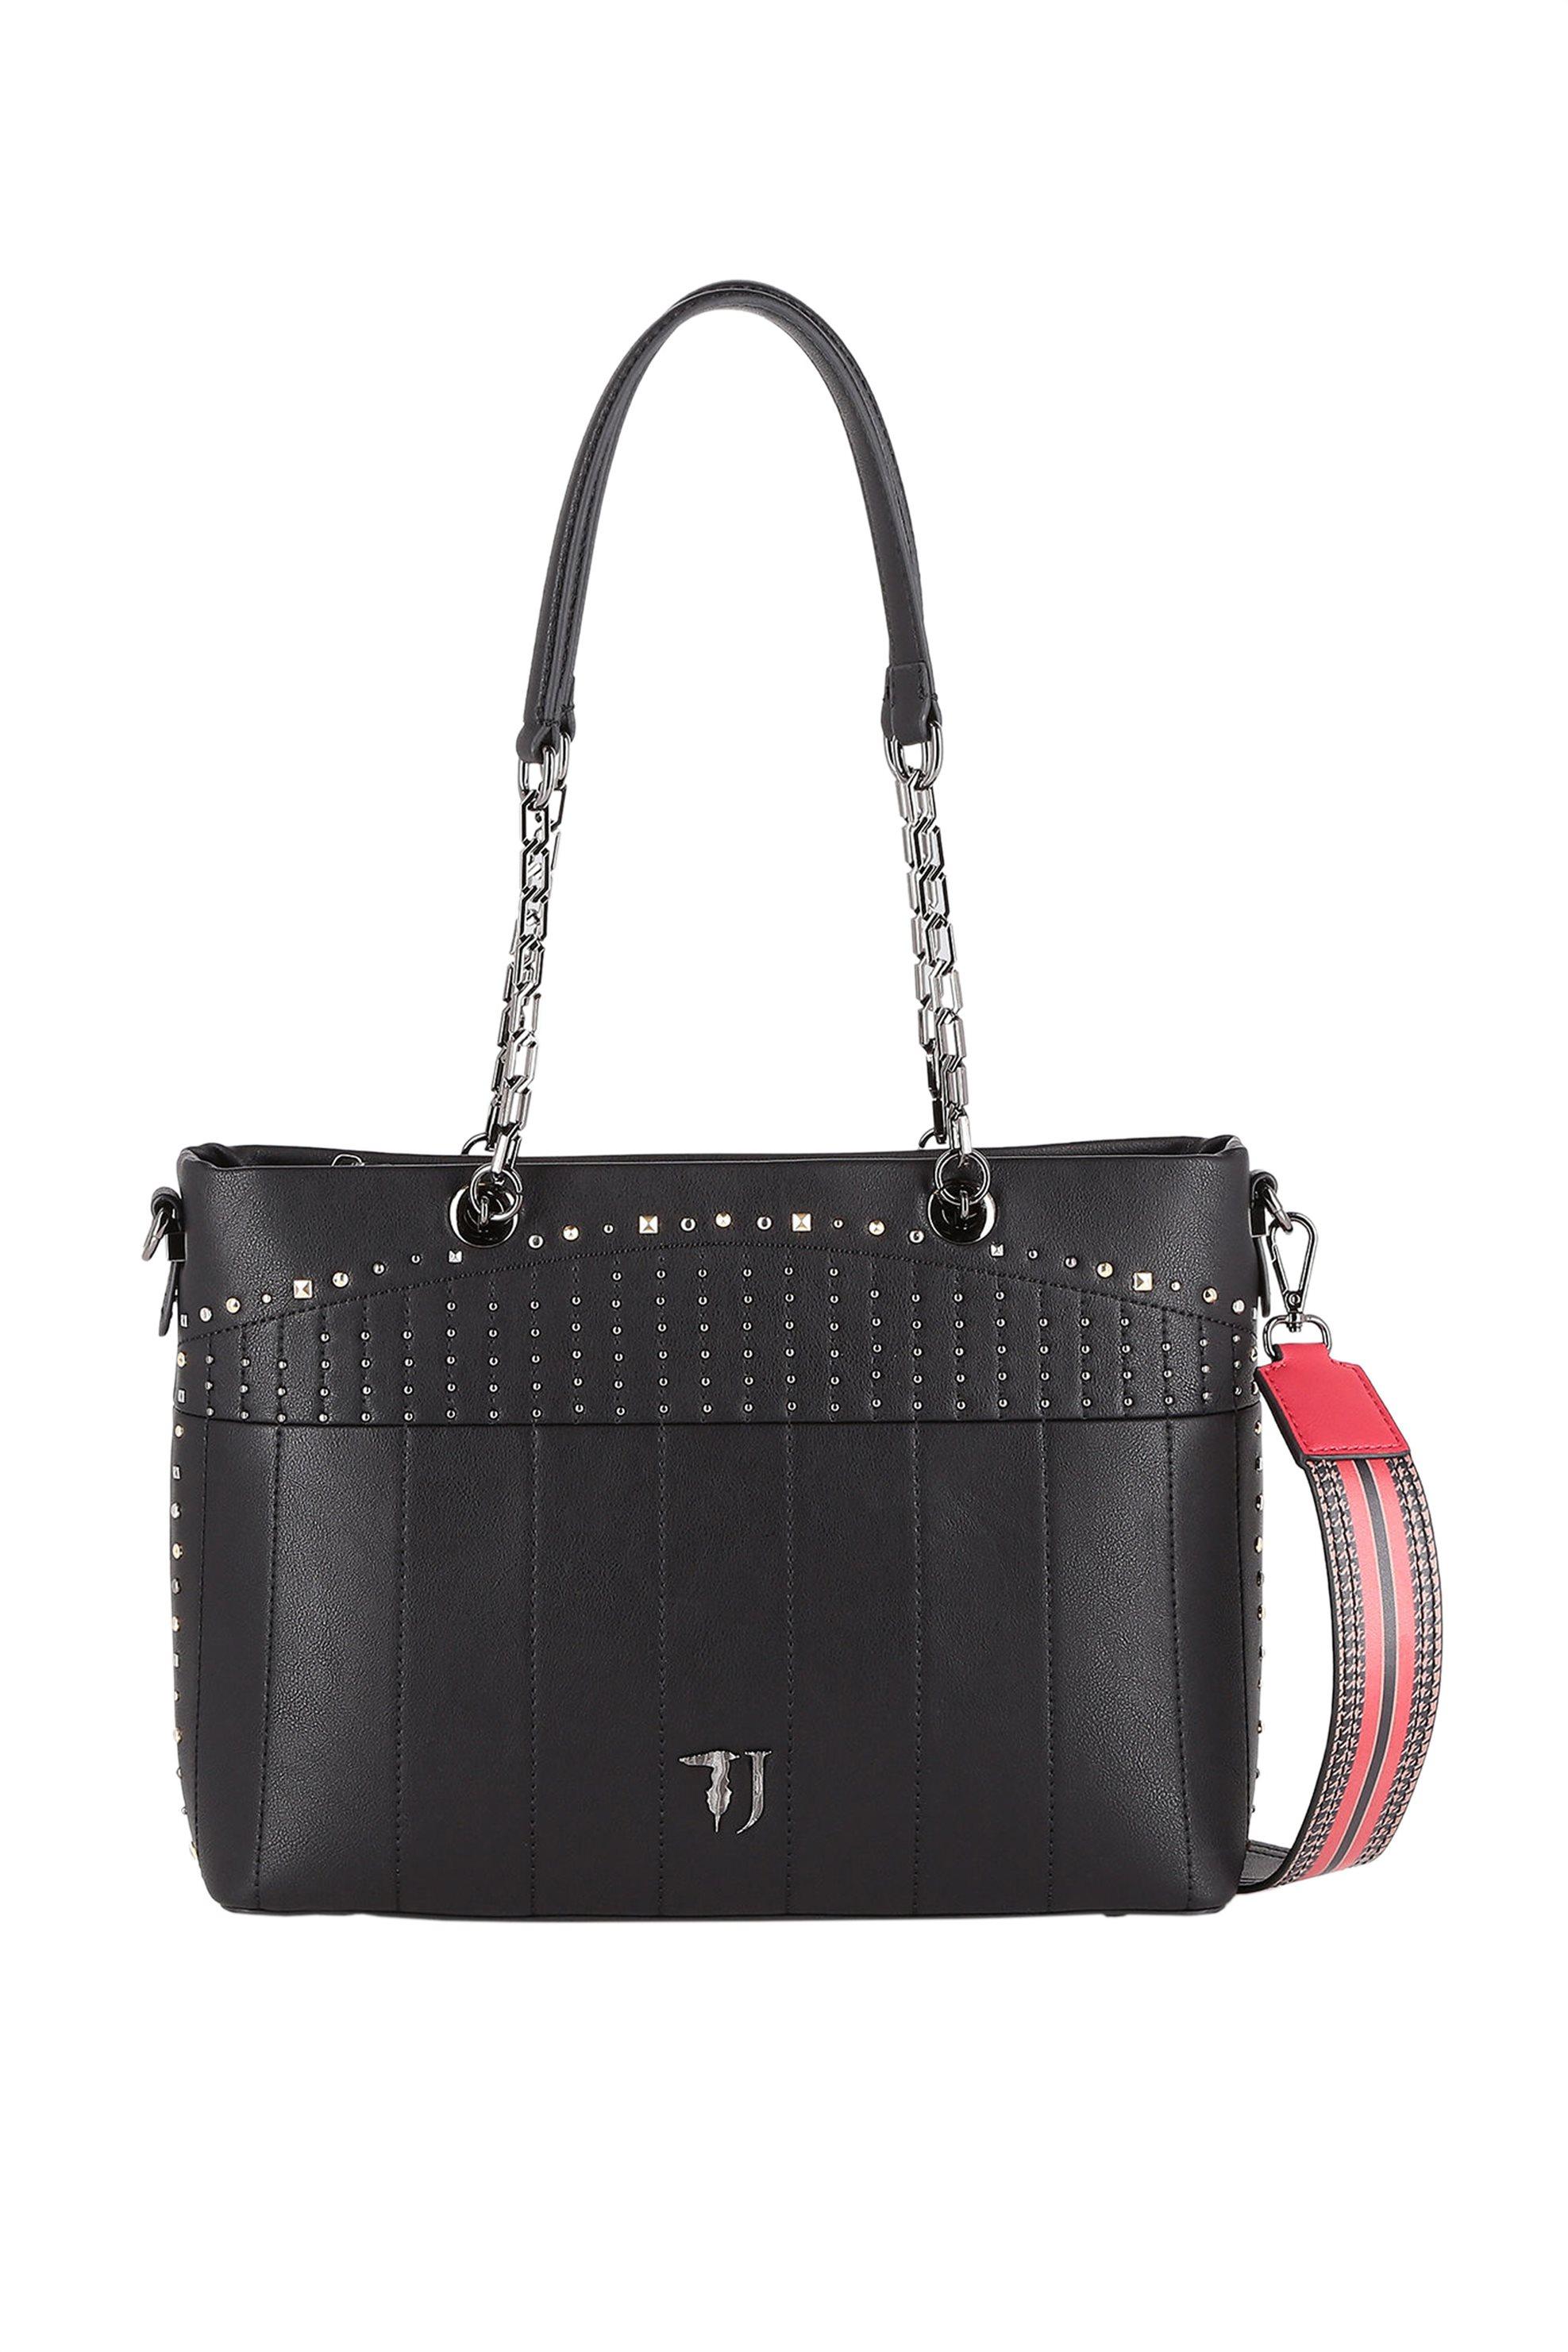 Trussardi Jeans τσάντα ώμου Curcuma καπιτονέ - 75B00507-9Y099999 - Μαύρο γυναικα   τσαντεσ   ώμου   shopper bags